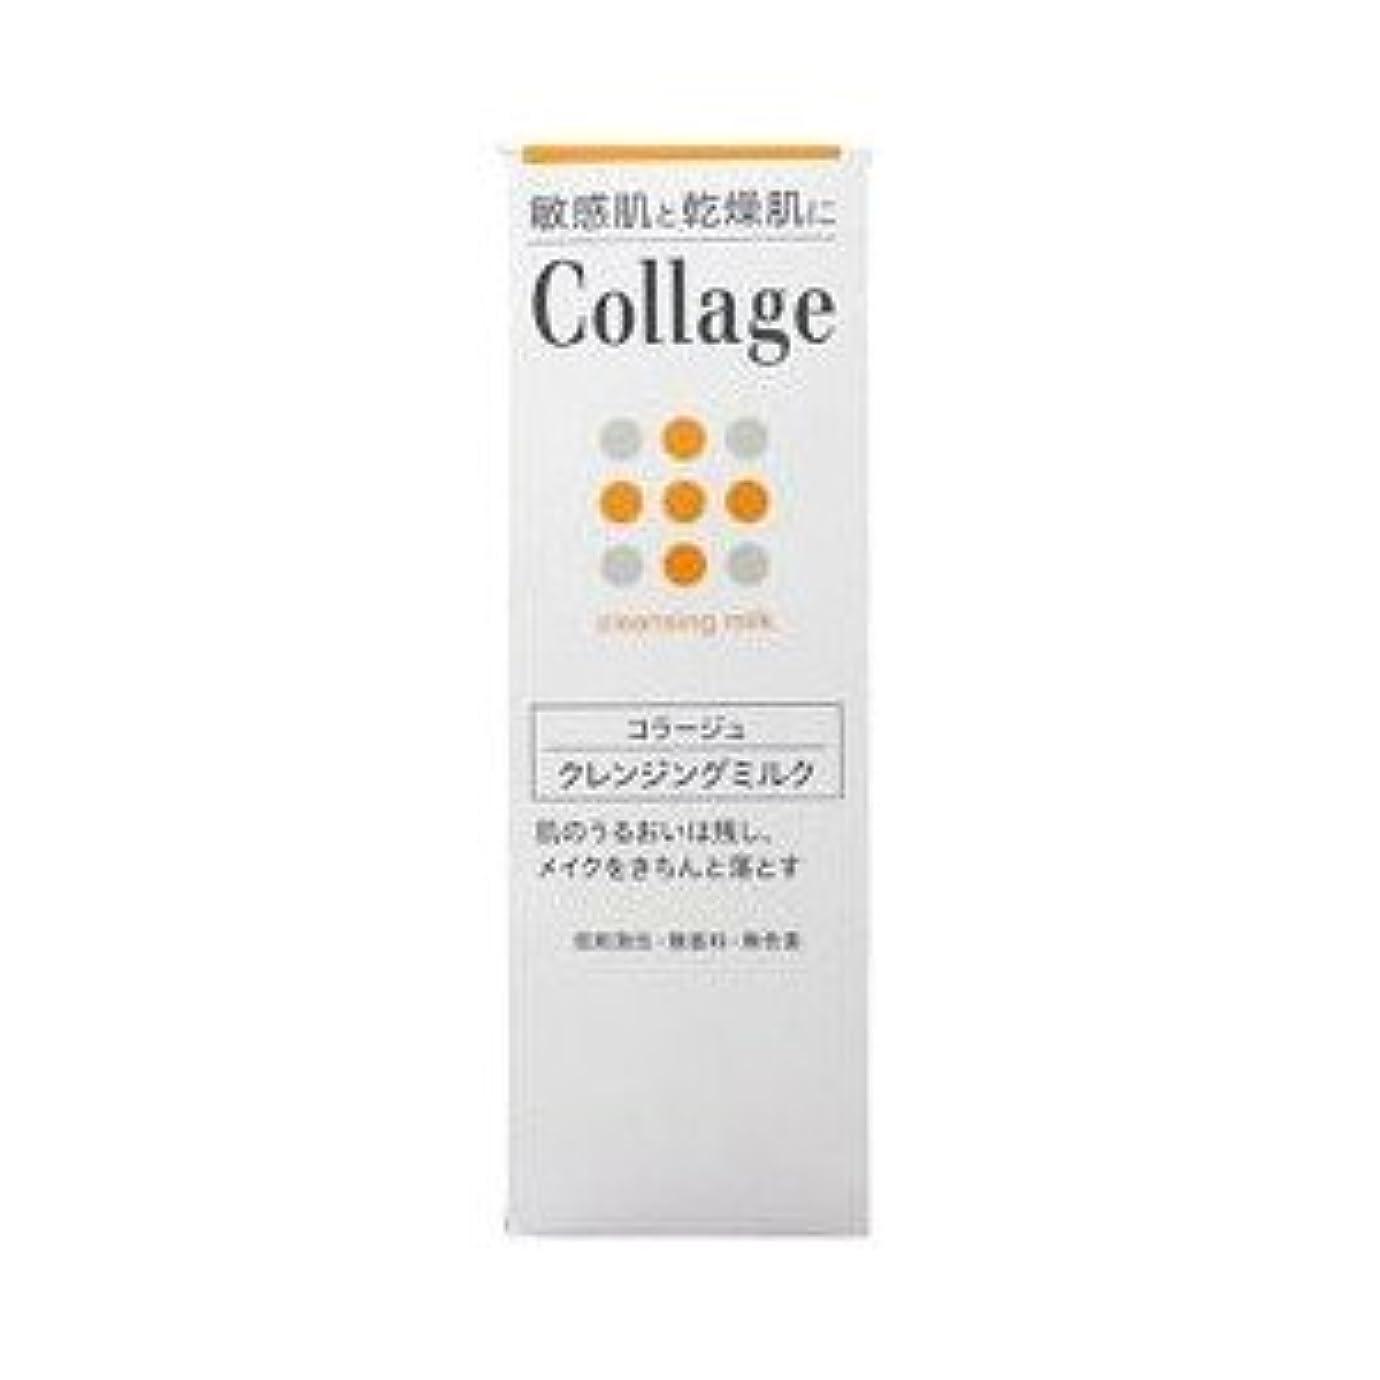 急襲契約する実験をする(持田ヘルスケア)コラージュ クレンジングミルク 100g(お買い得3個セット)